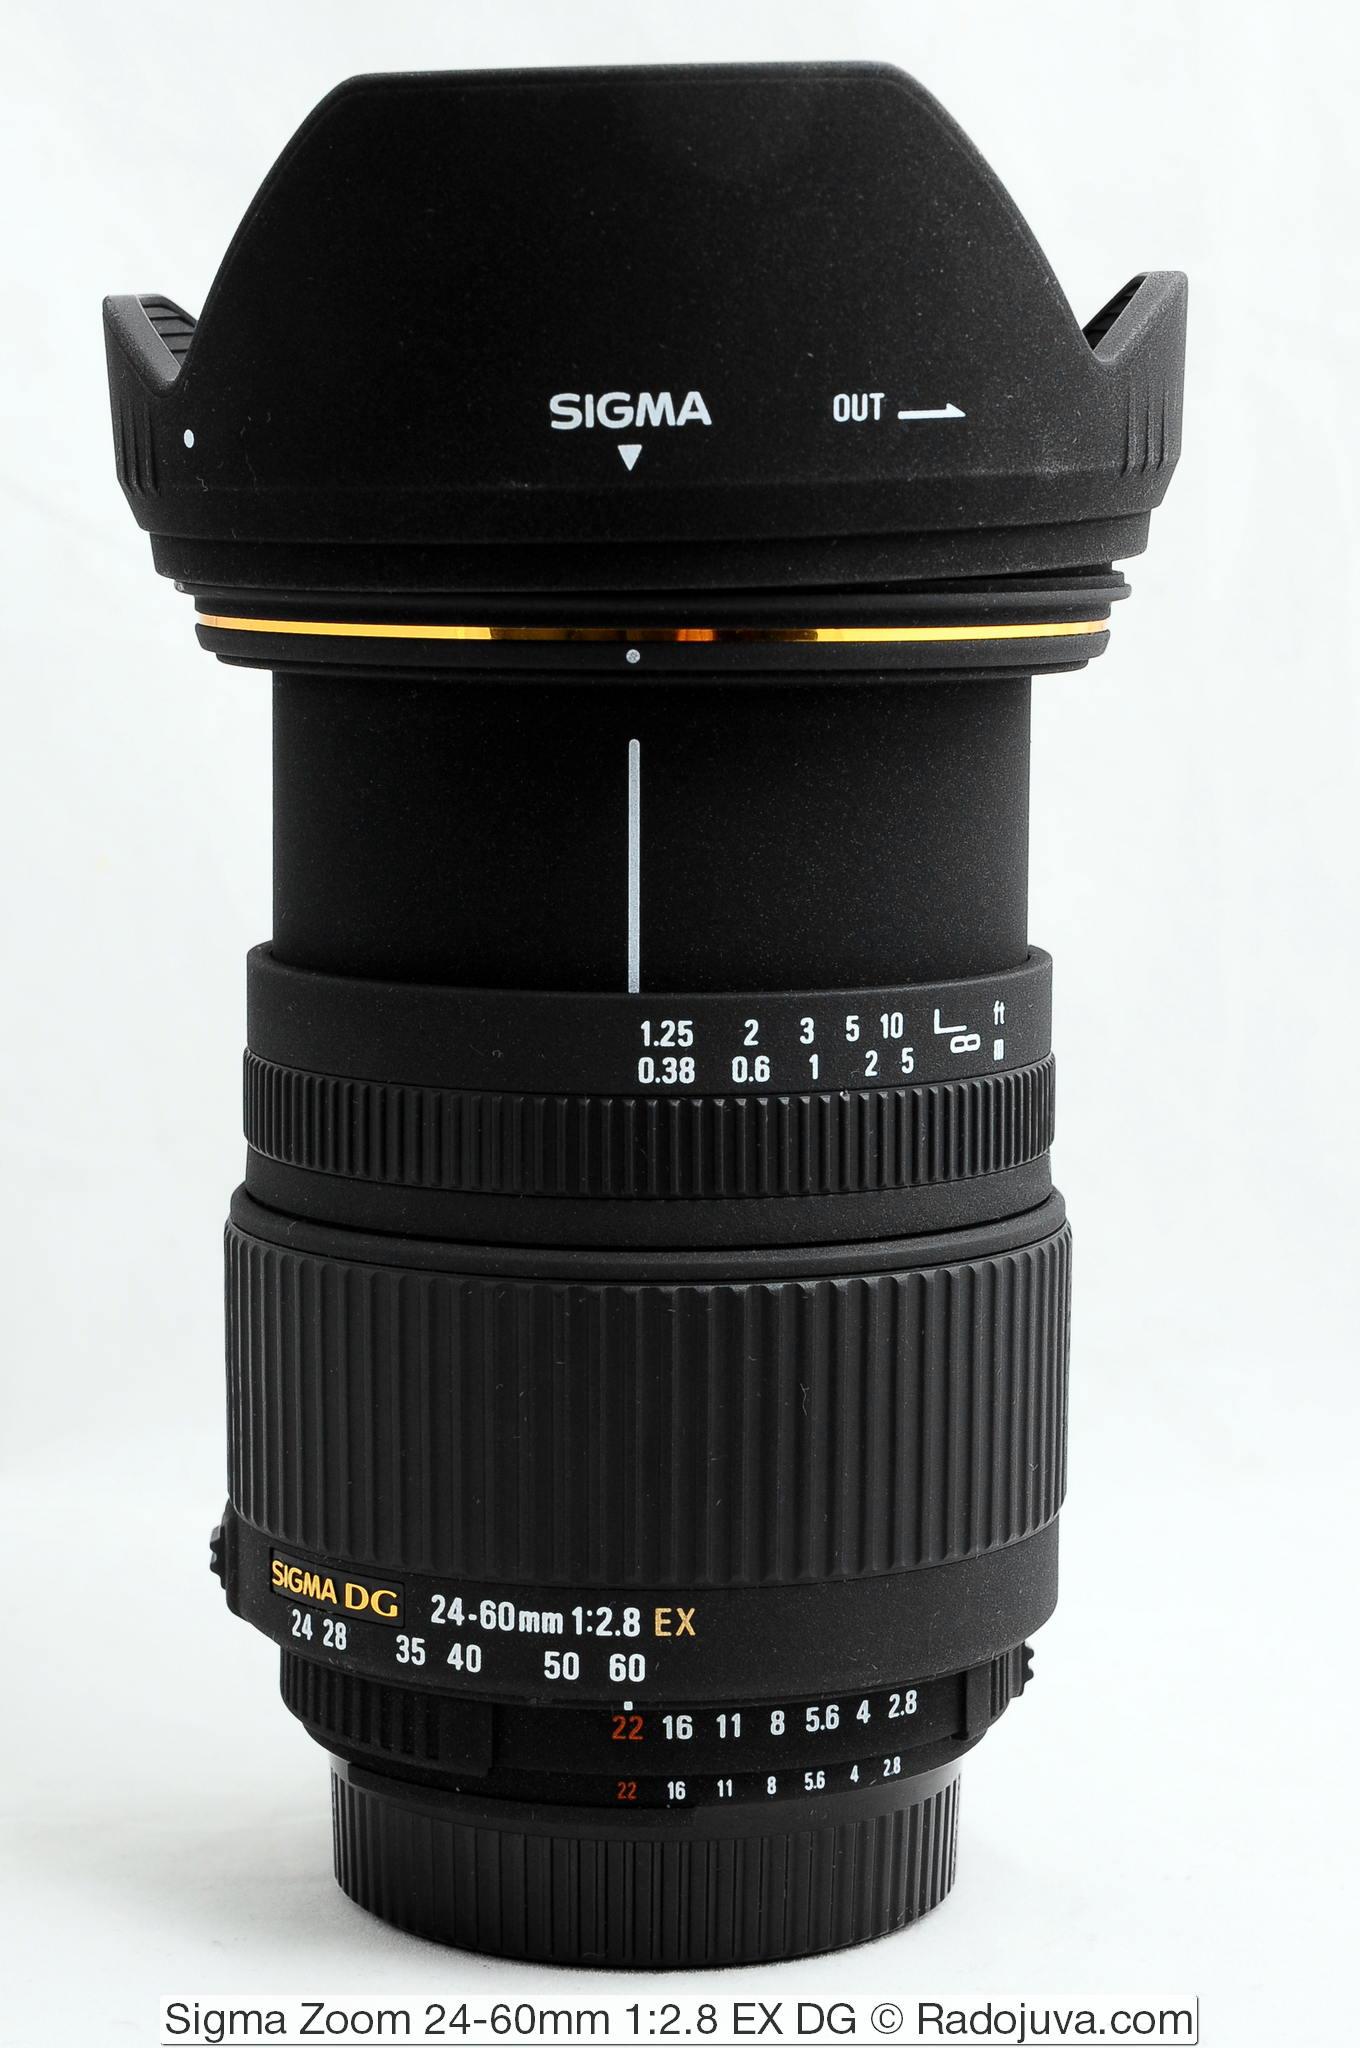 Sigma Zoom 24-60mm 1:2.8 EX DG